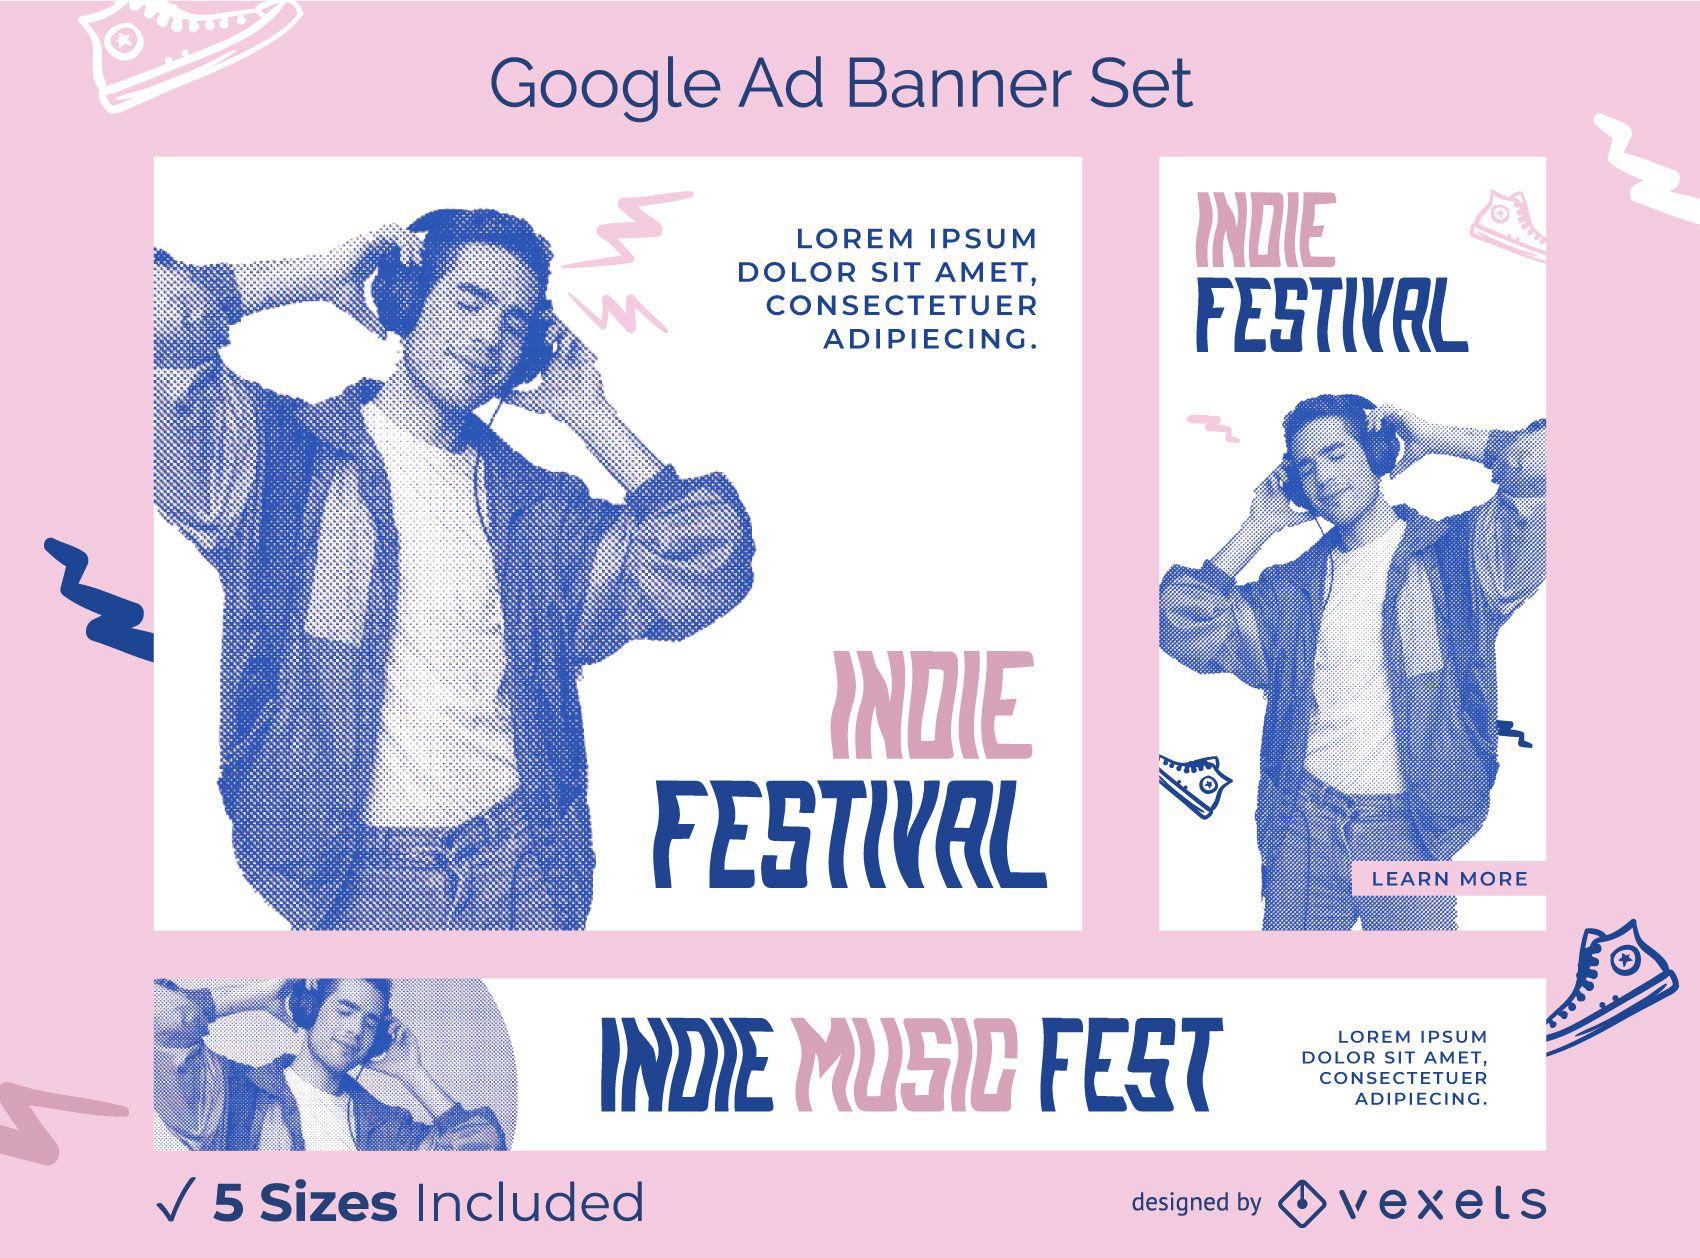 Paquete de banners de anuncios de Google del festival indie